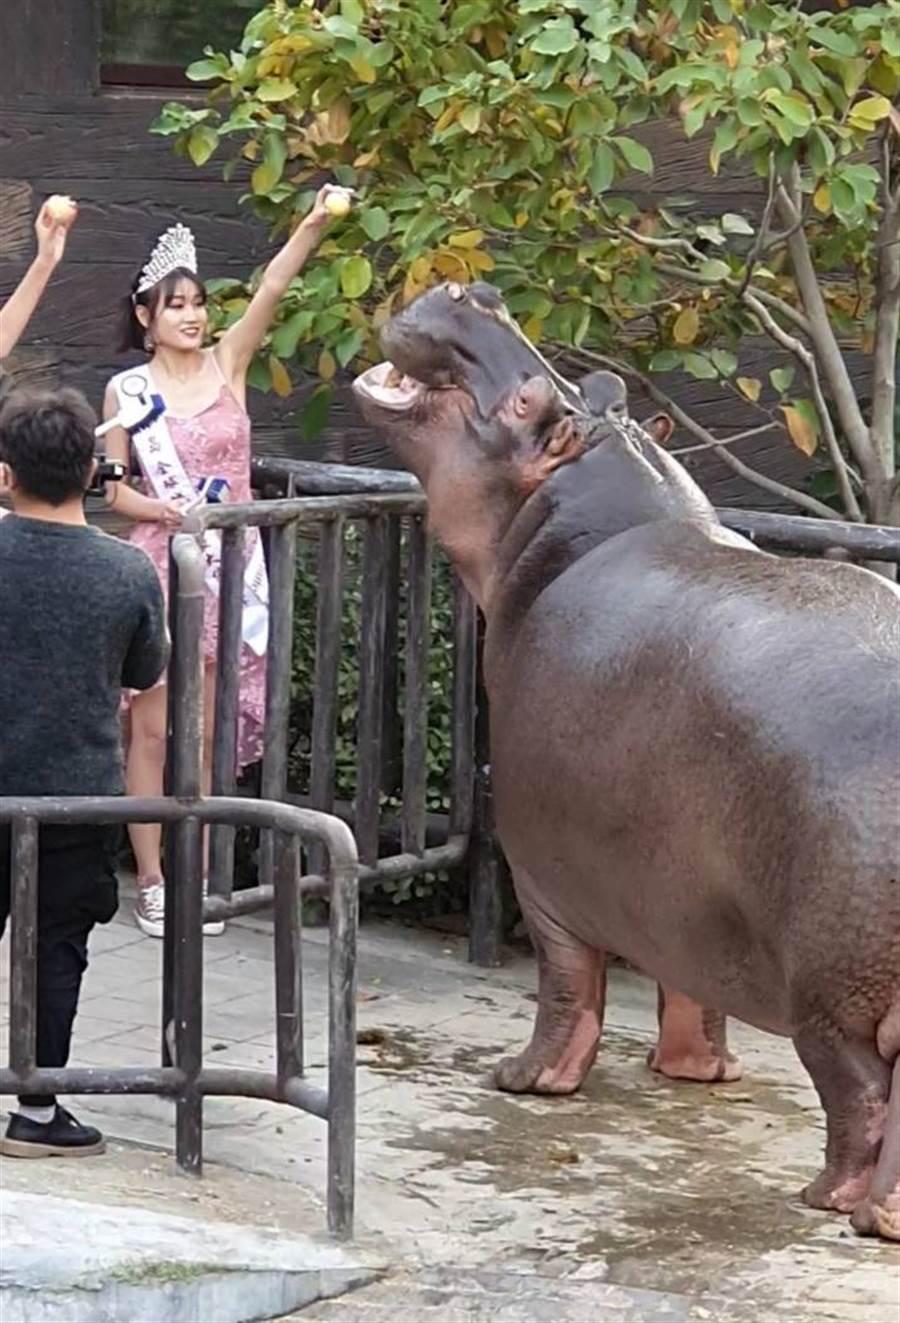 形象大使餵河馬吃蘋果,模樣十分可愛。(照片/中華全球城市選拔協會 提供)